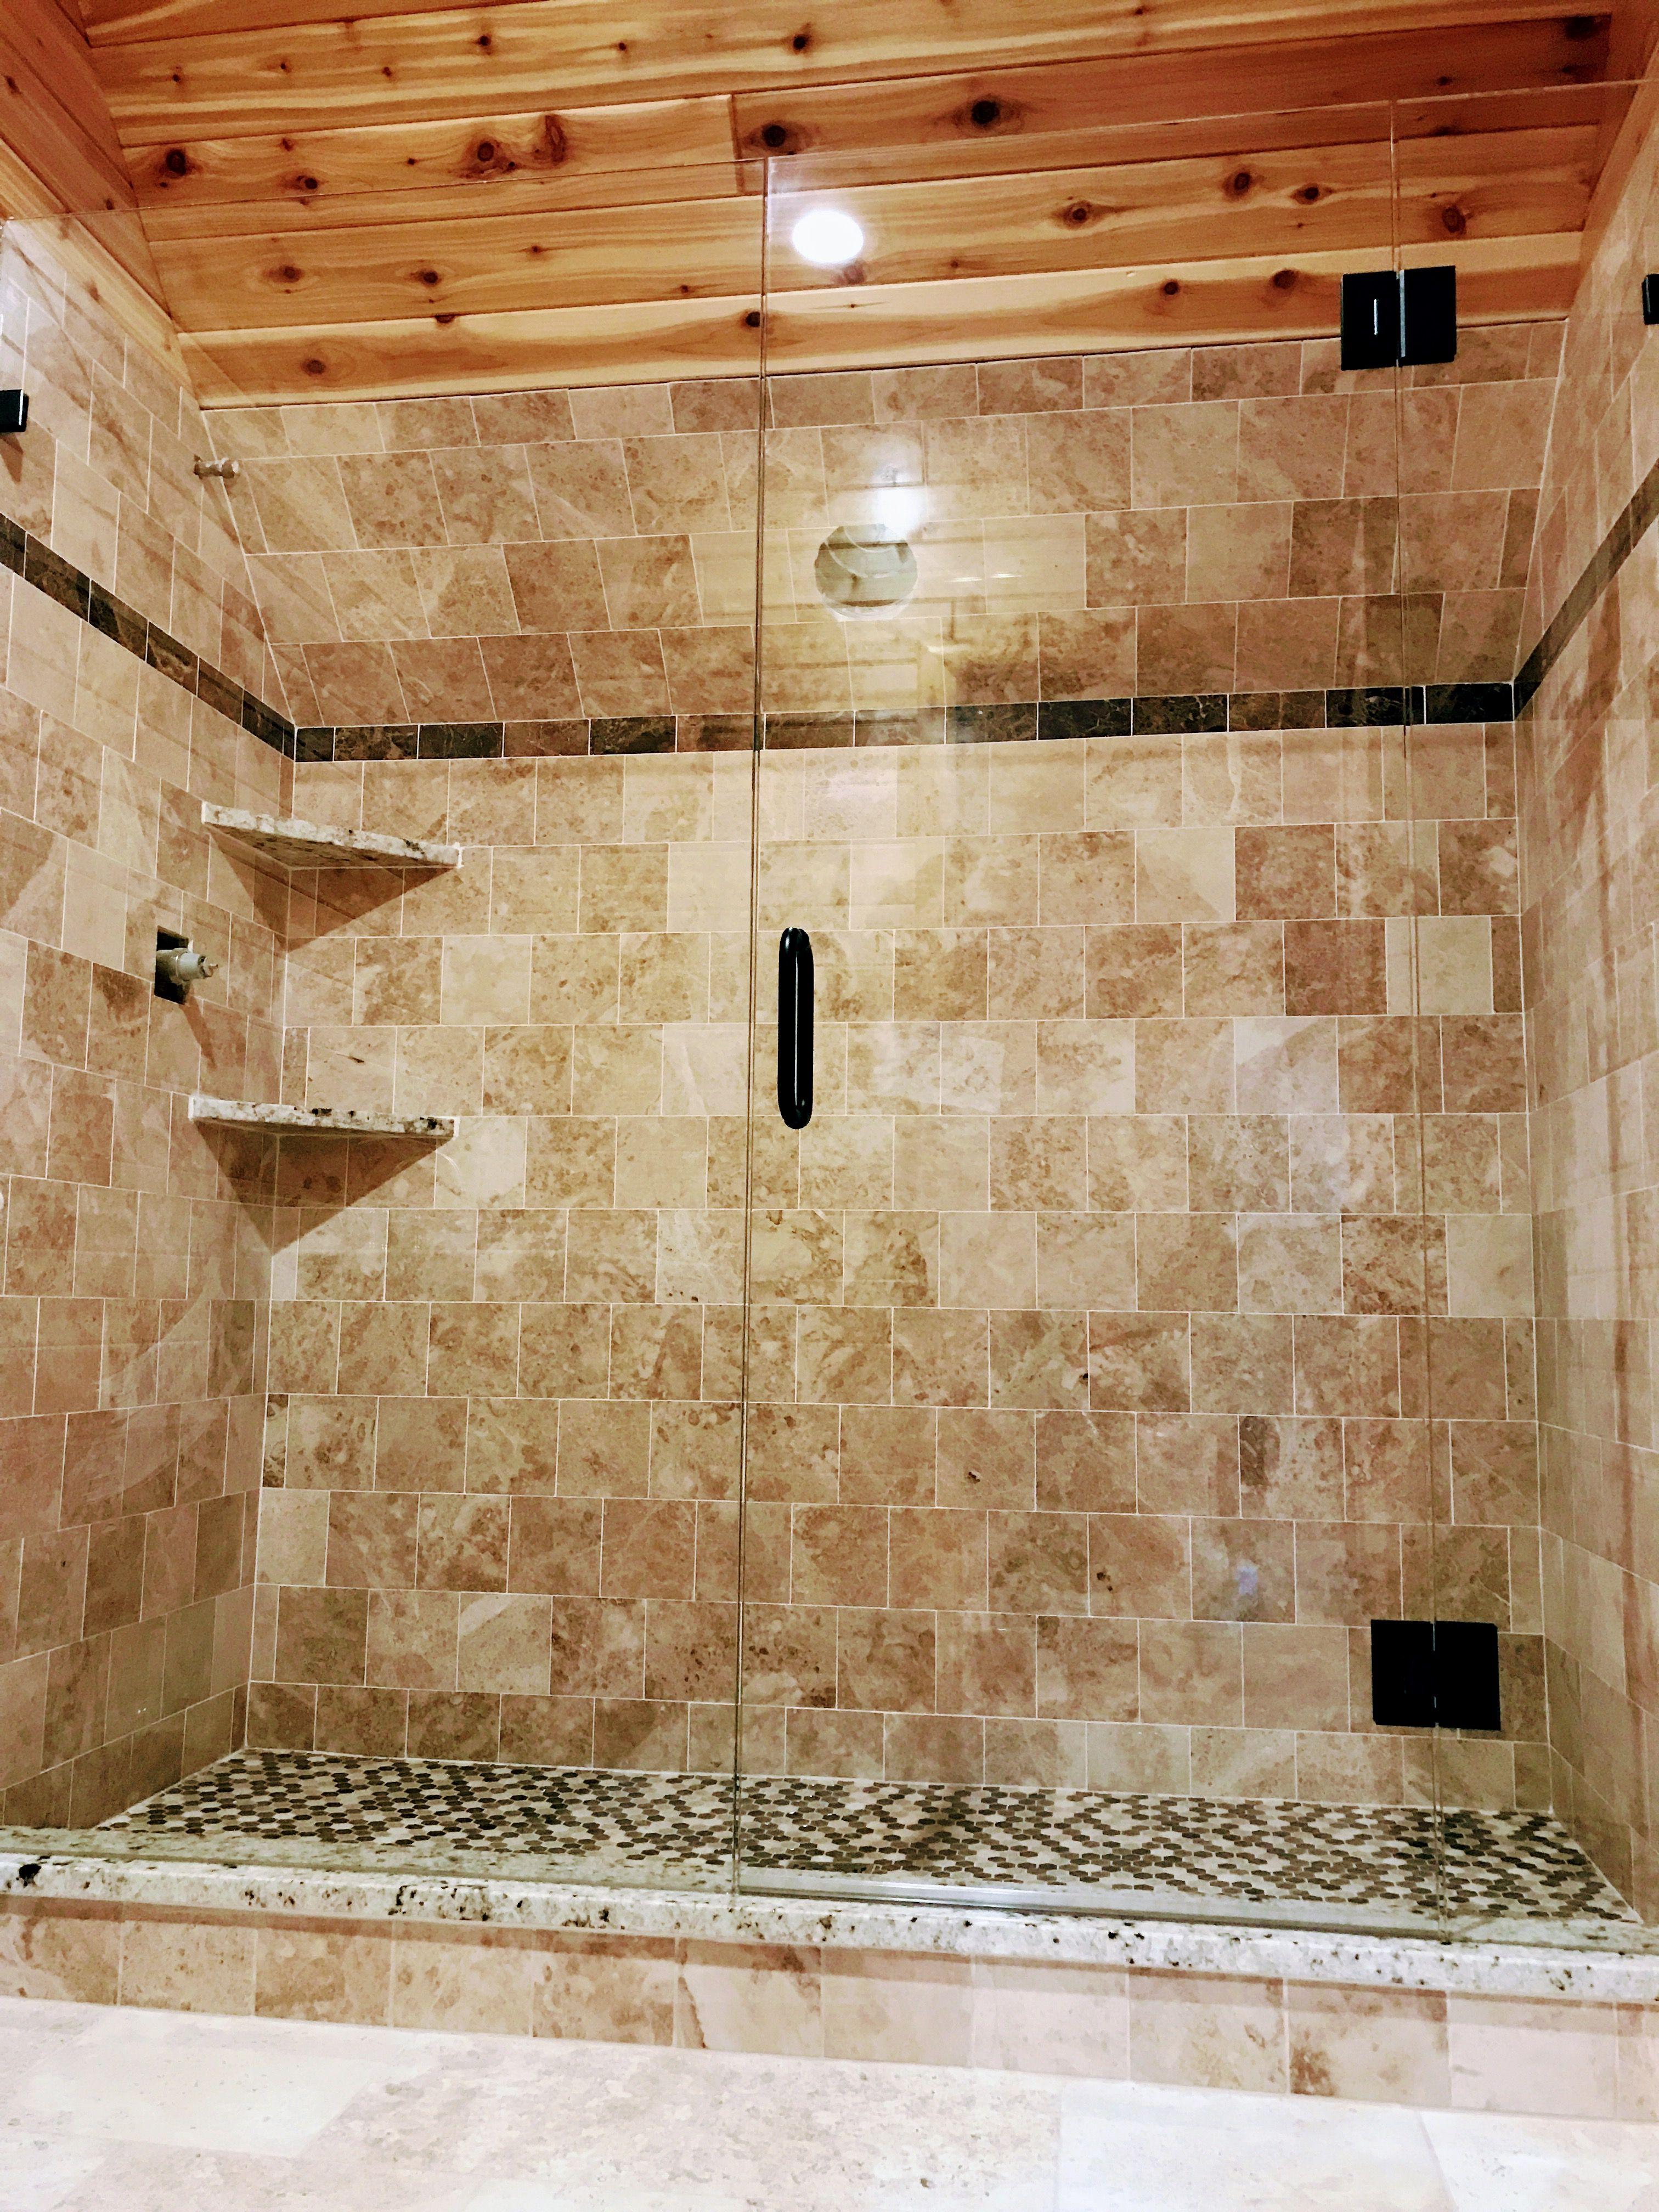 amazing design shower mount finish purist kohler wall hardware brushed bathroom dispenser kitchen nickel trim idea faucet for soap best